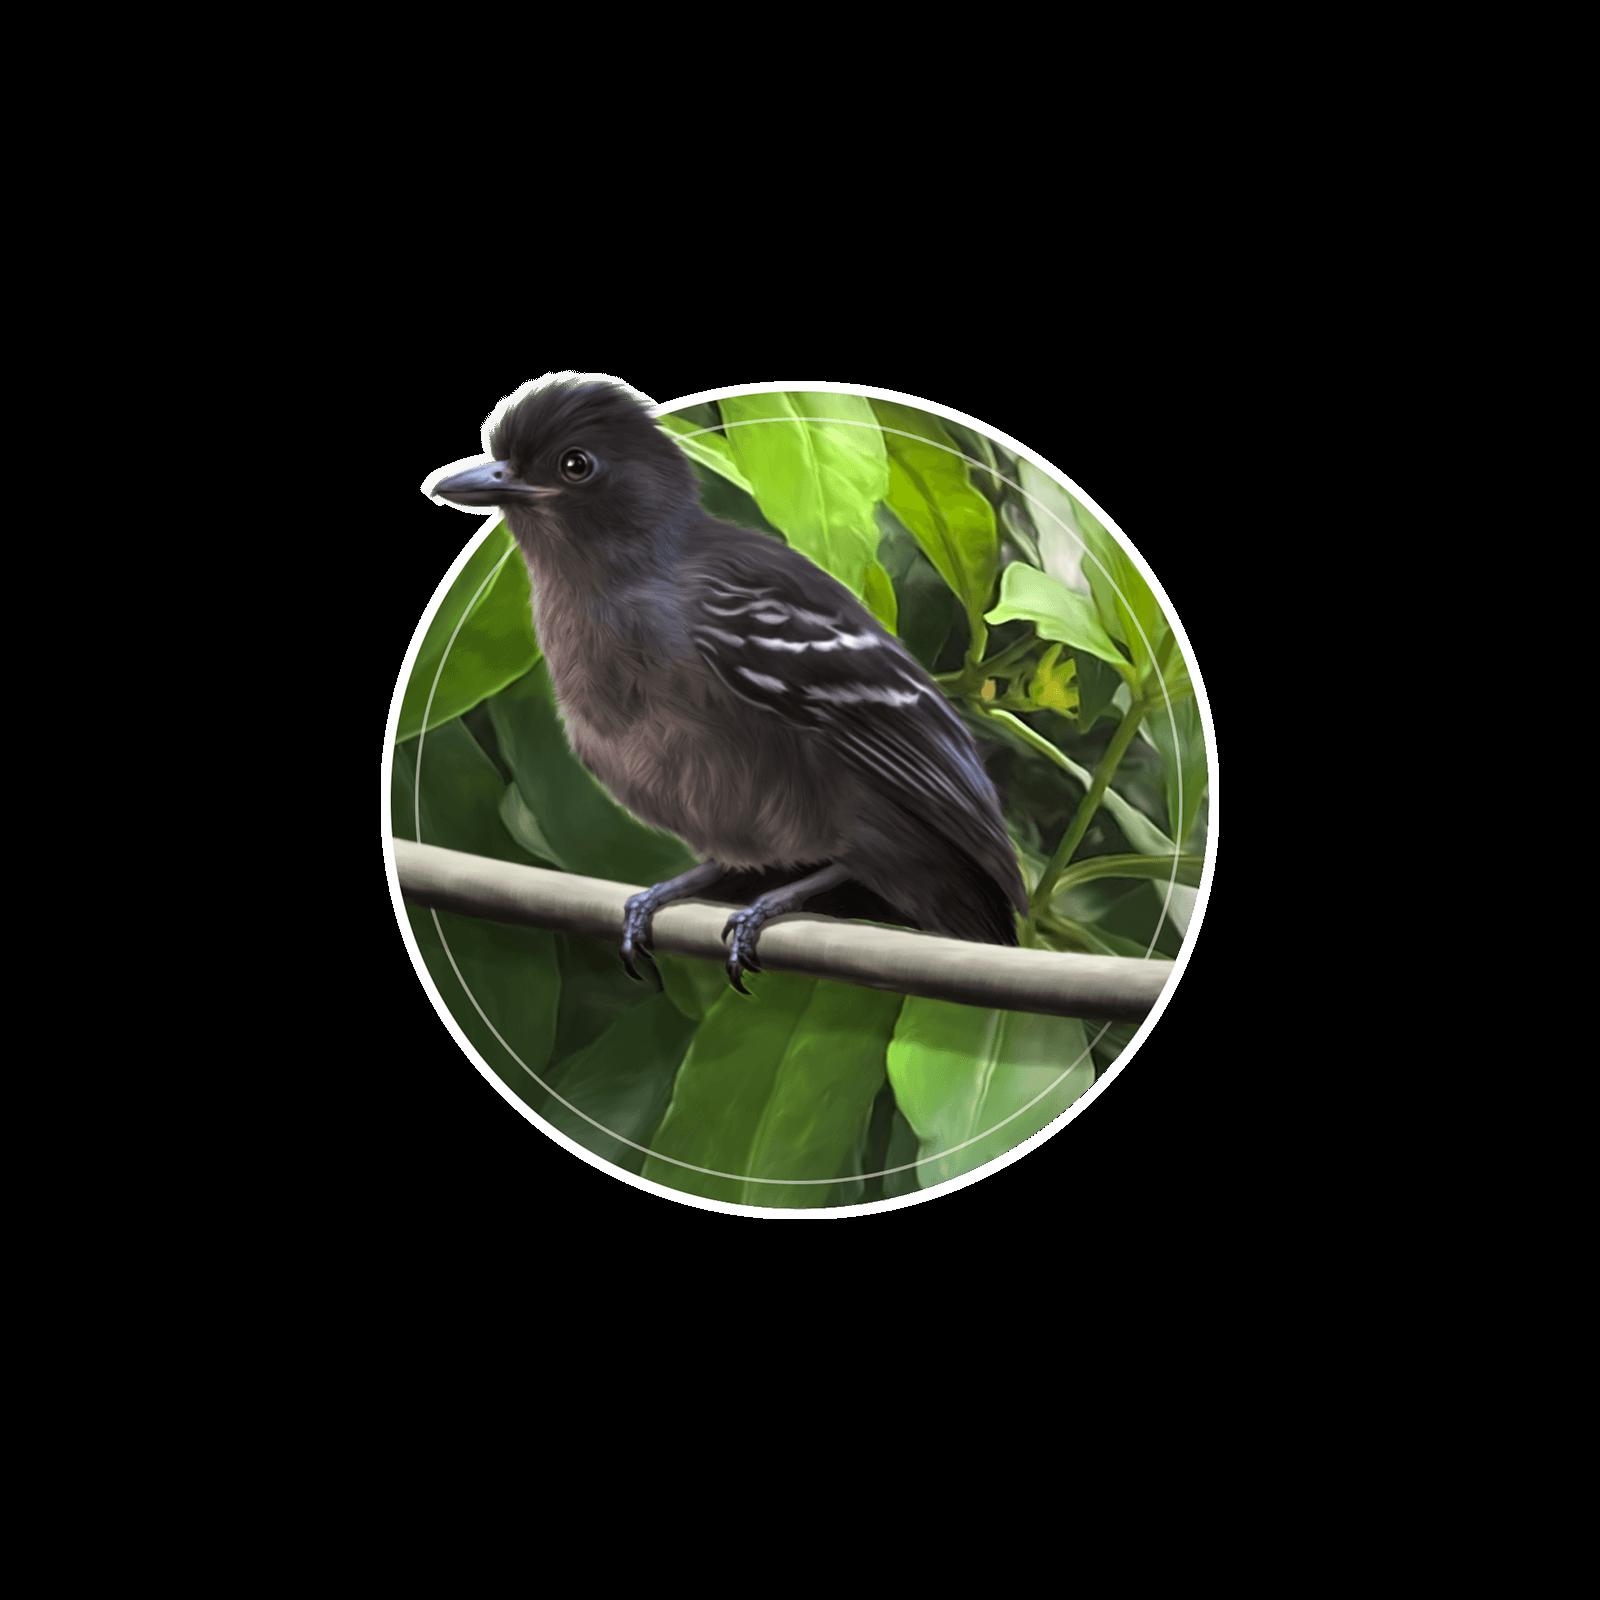 Ilustração do pequeno pássaro choca-preta-e-cinza em galho de árvore